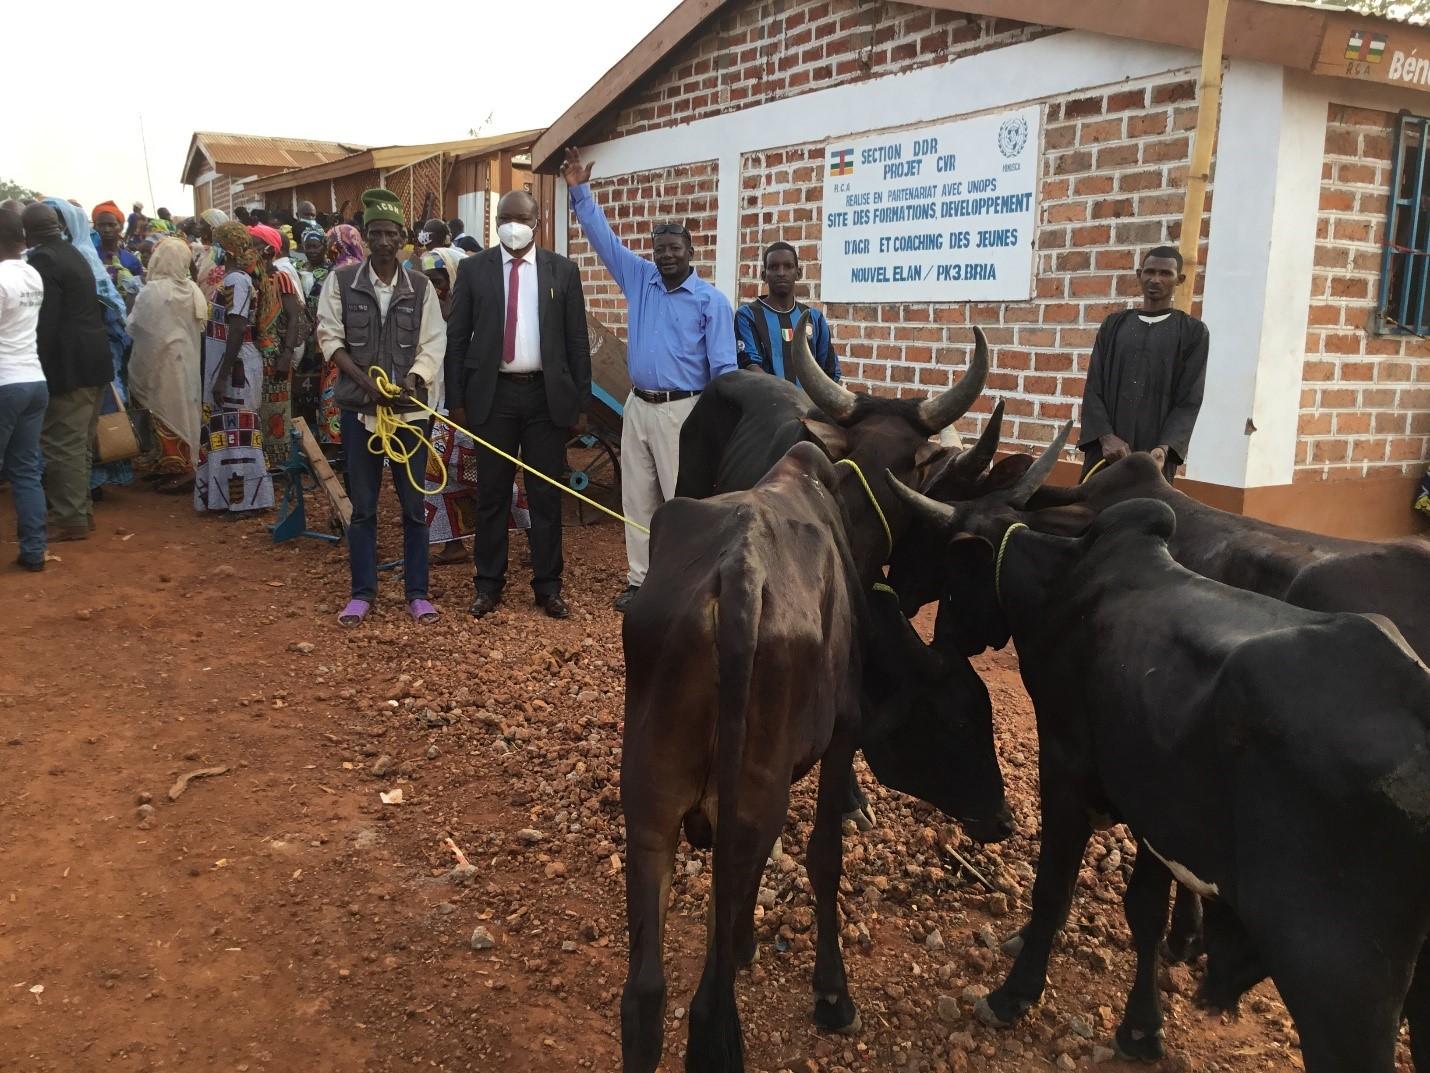 Centrafrique : La section DDR de la MINUSCA contribue à la réduction de violence communautaire à Bria